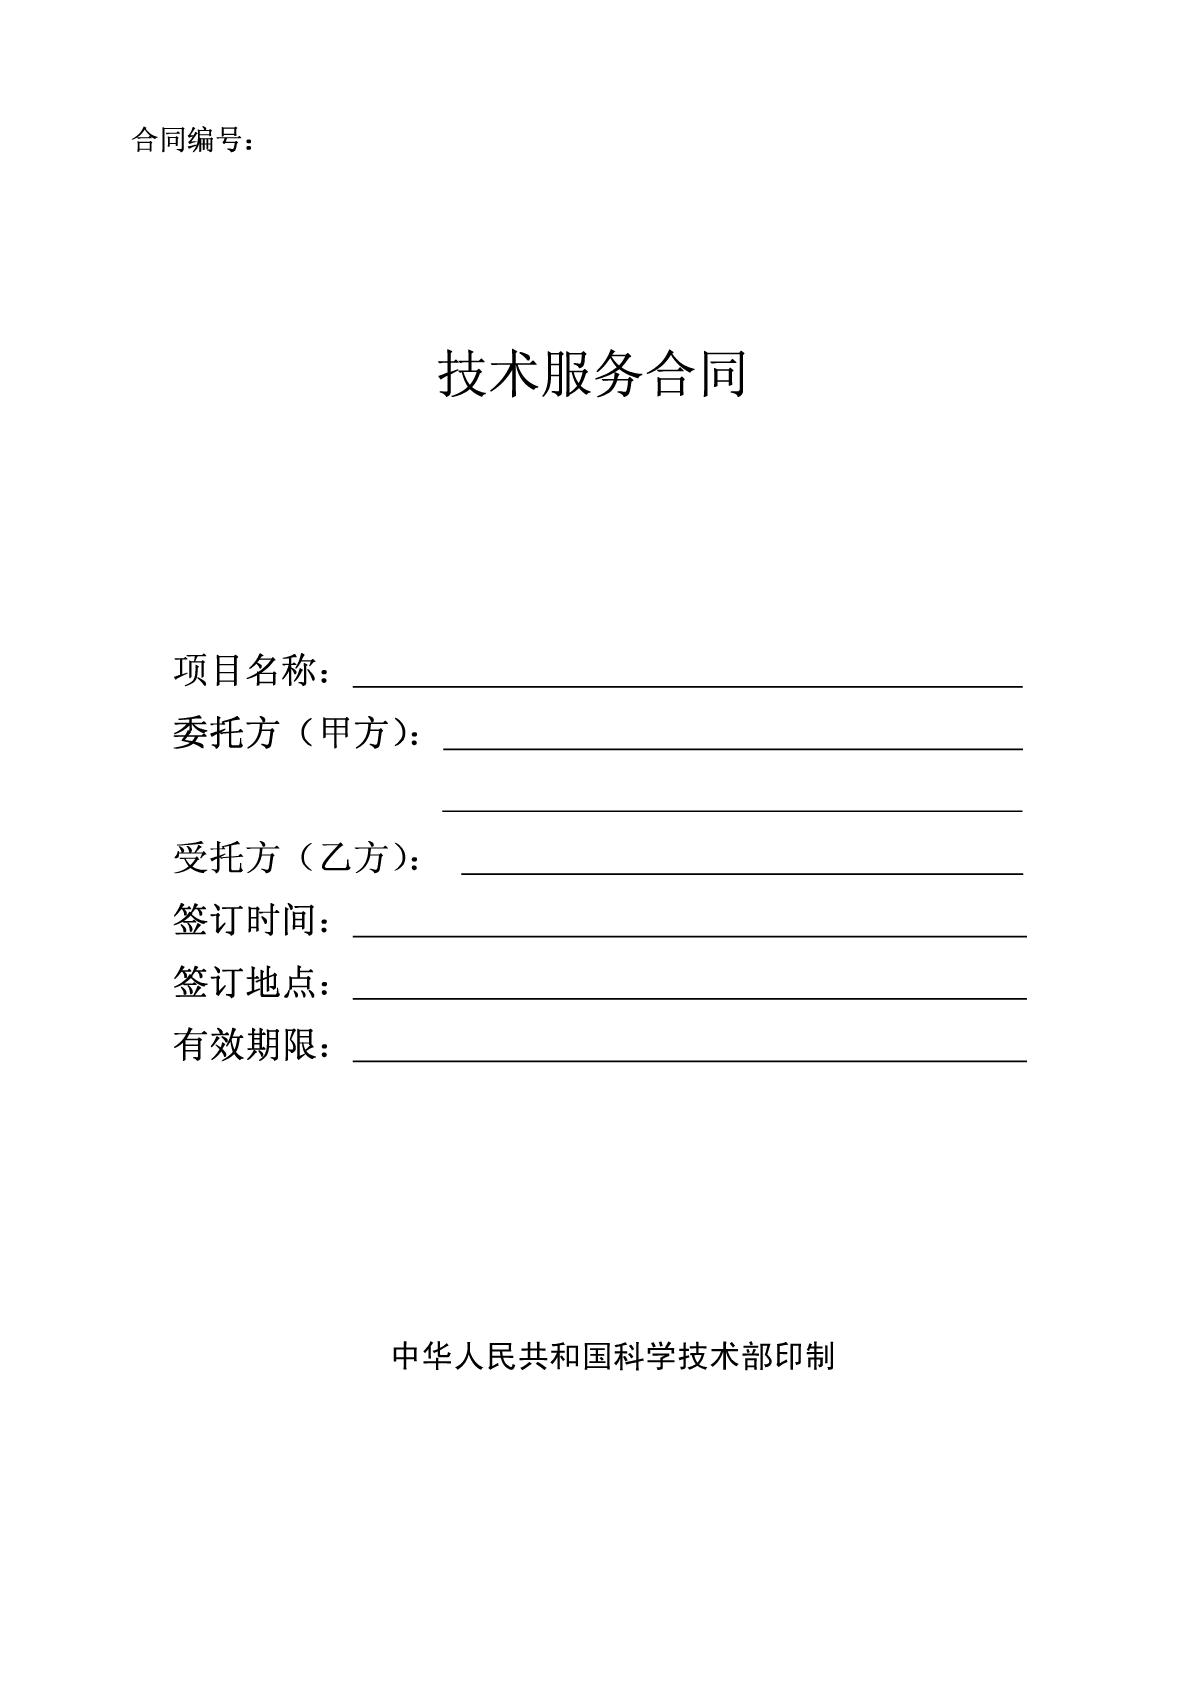 技术服务合同(中国科技部范本)